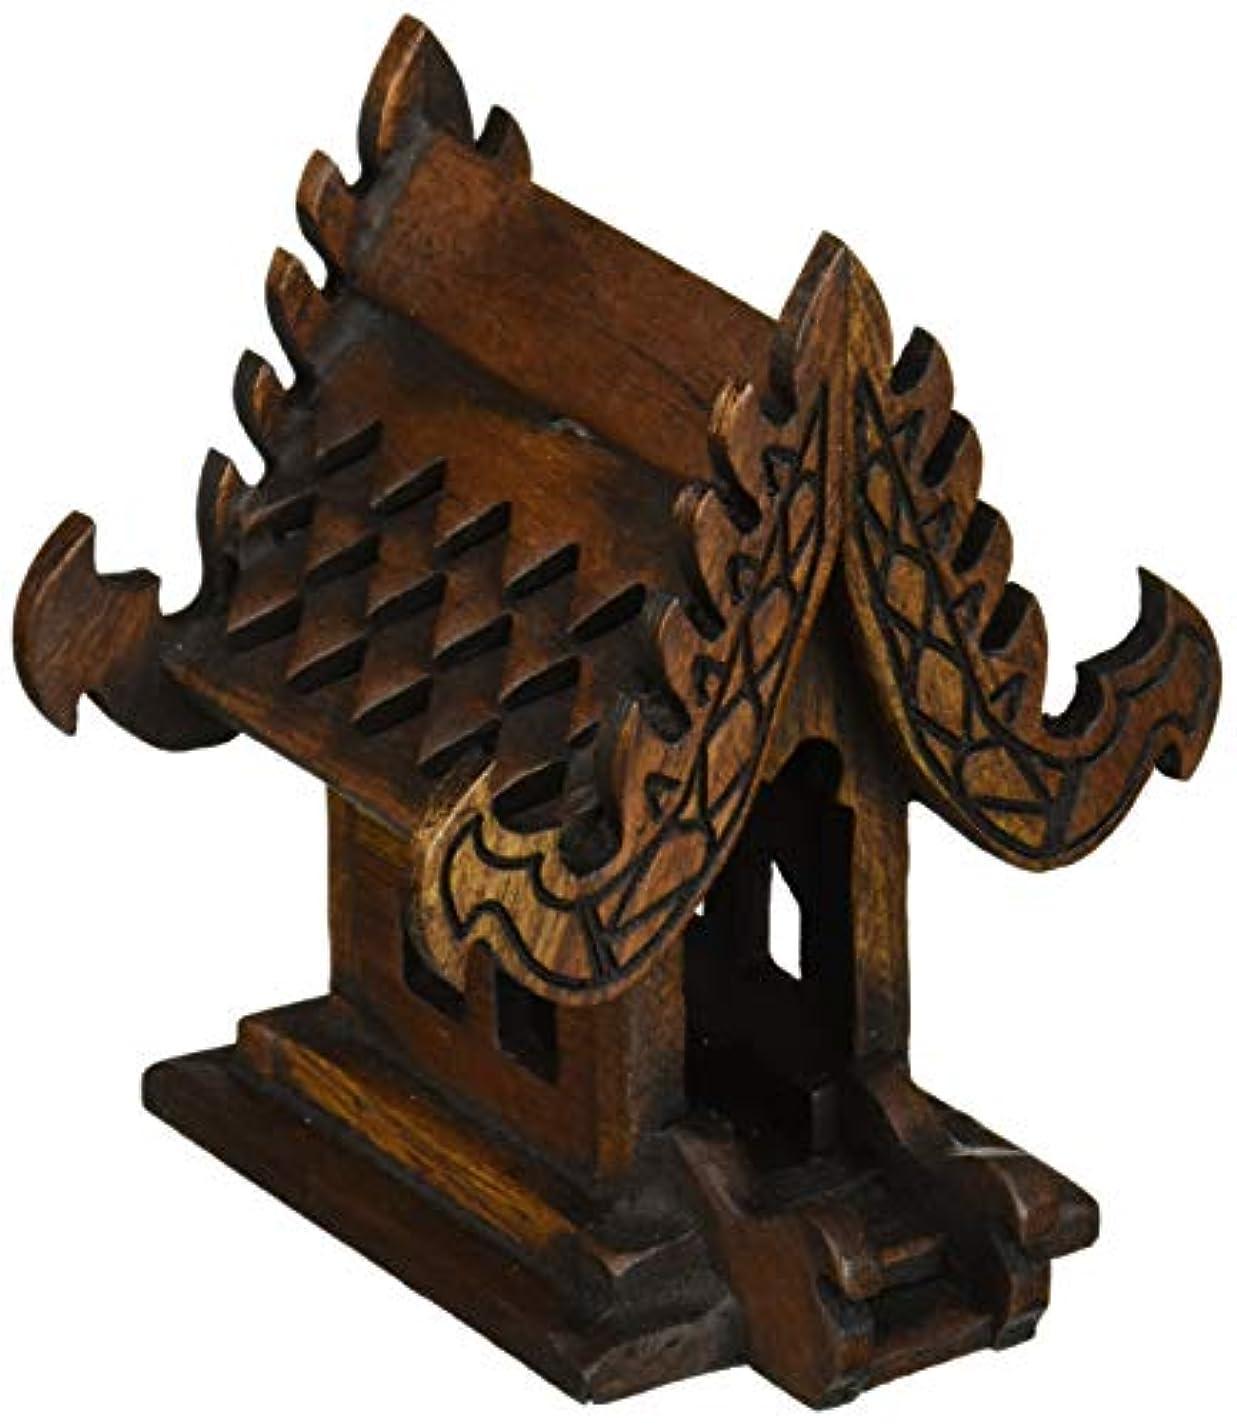 クラック付与観光デザインunseenthailandタイ仏教でハンドメイドチーク材木製Spirit家。 W4